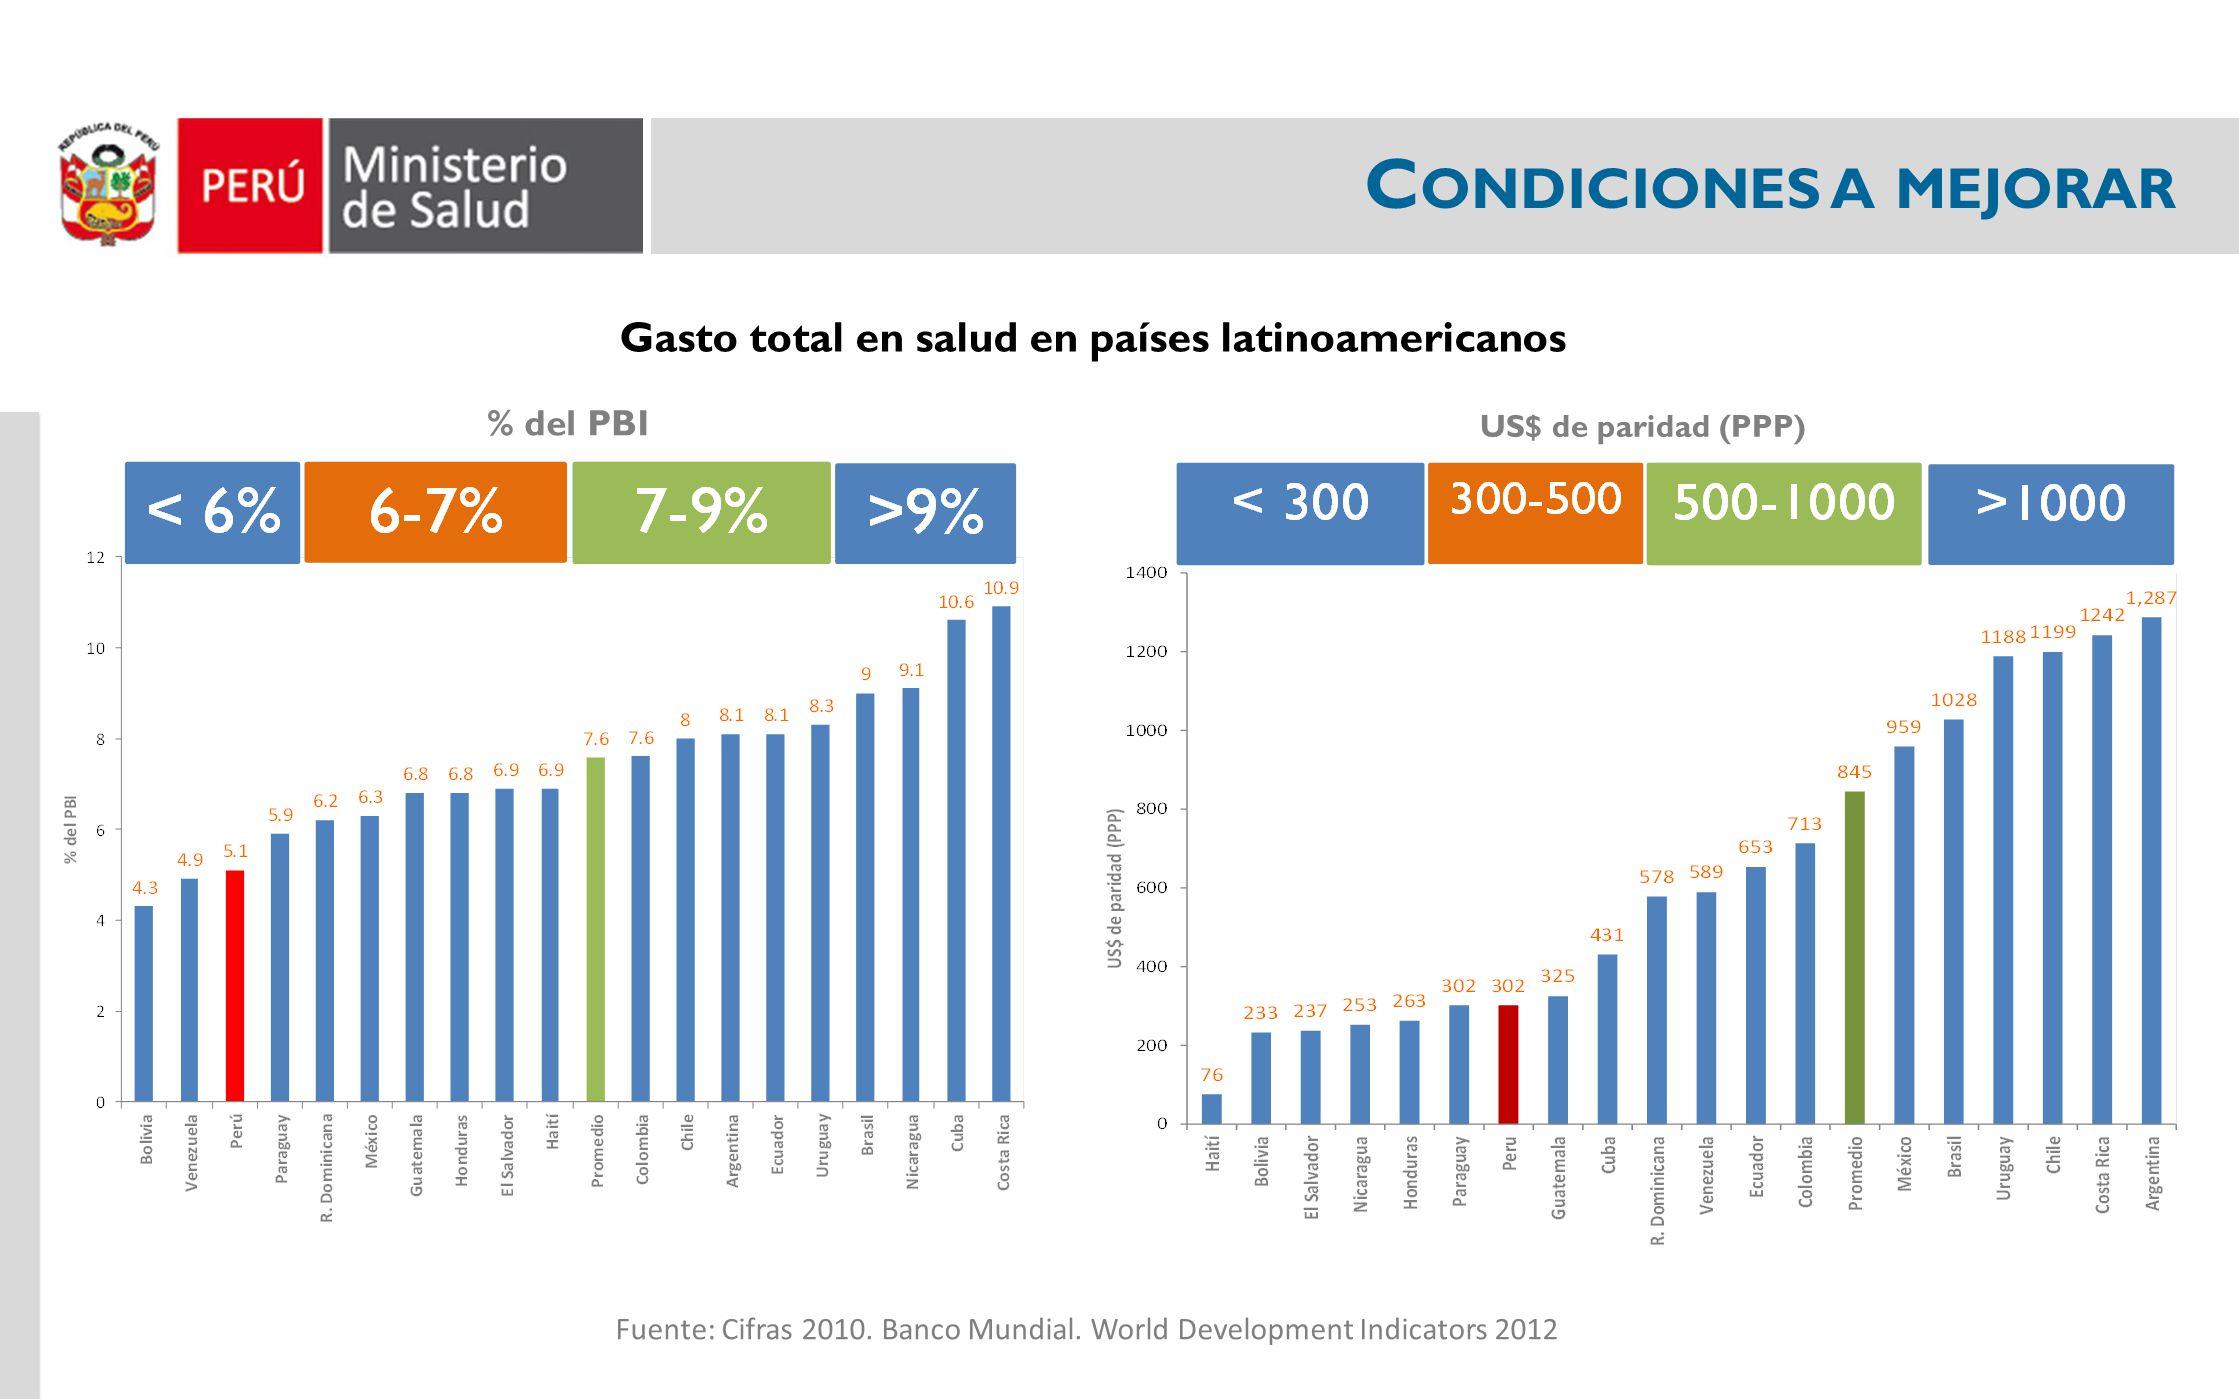 Gasto total en salud en países latinoamericanos